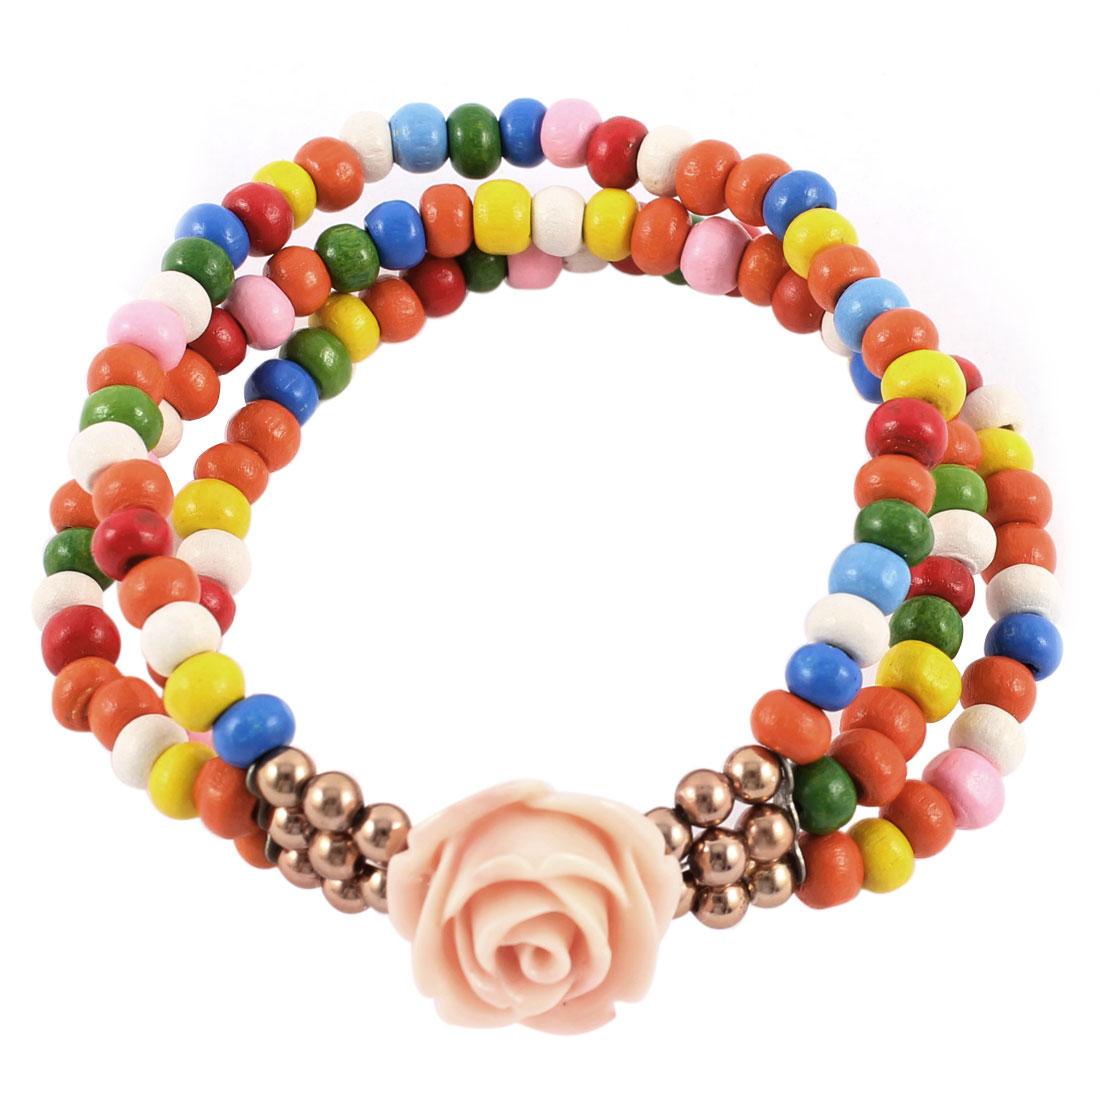 Lady Flower Pendant Beading Layered Stretchy Wrist Bracelet Bangle Multicolor